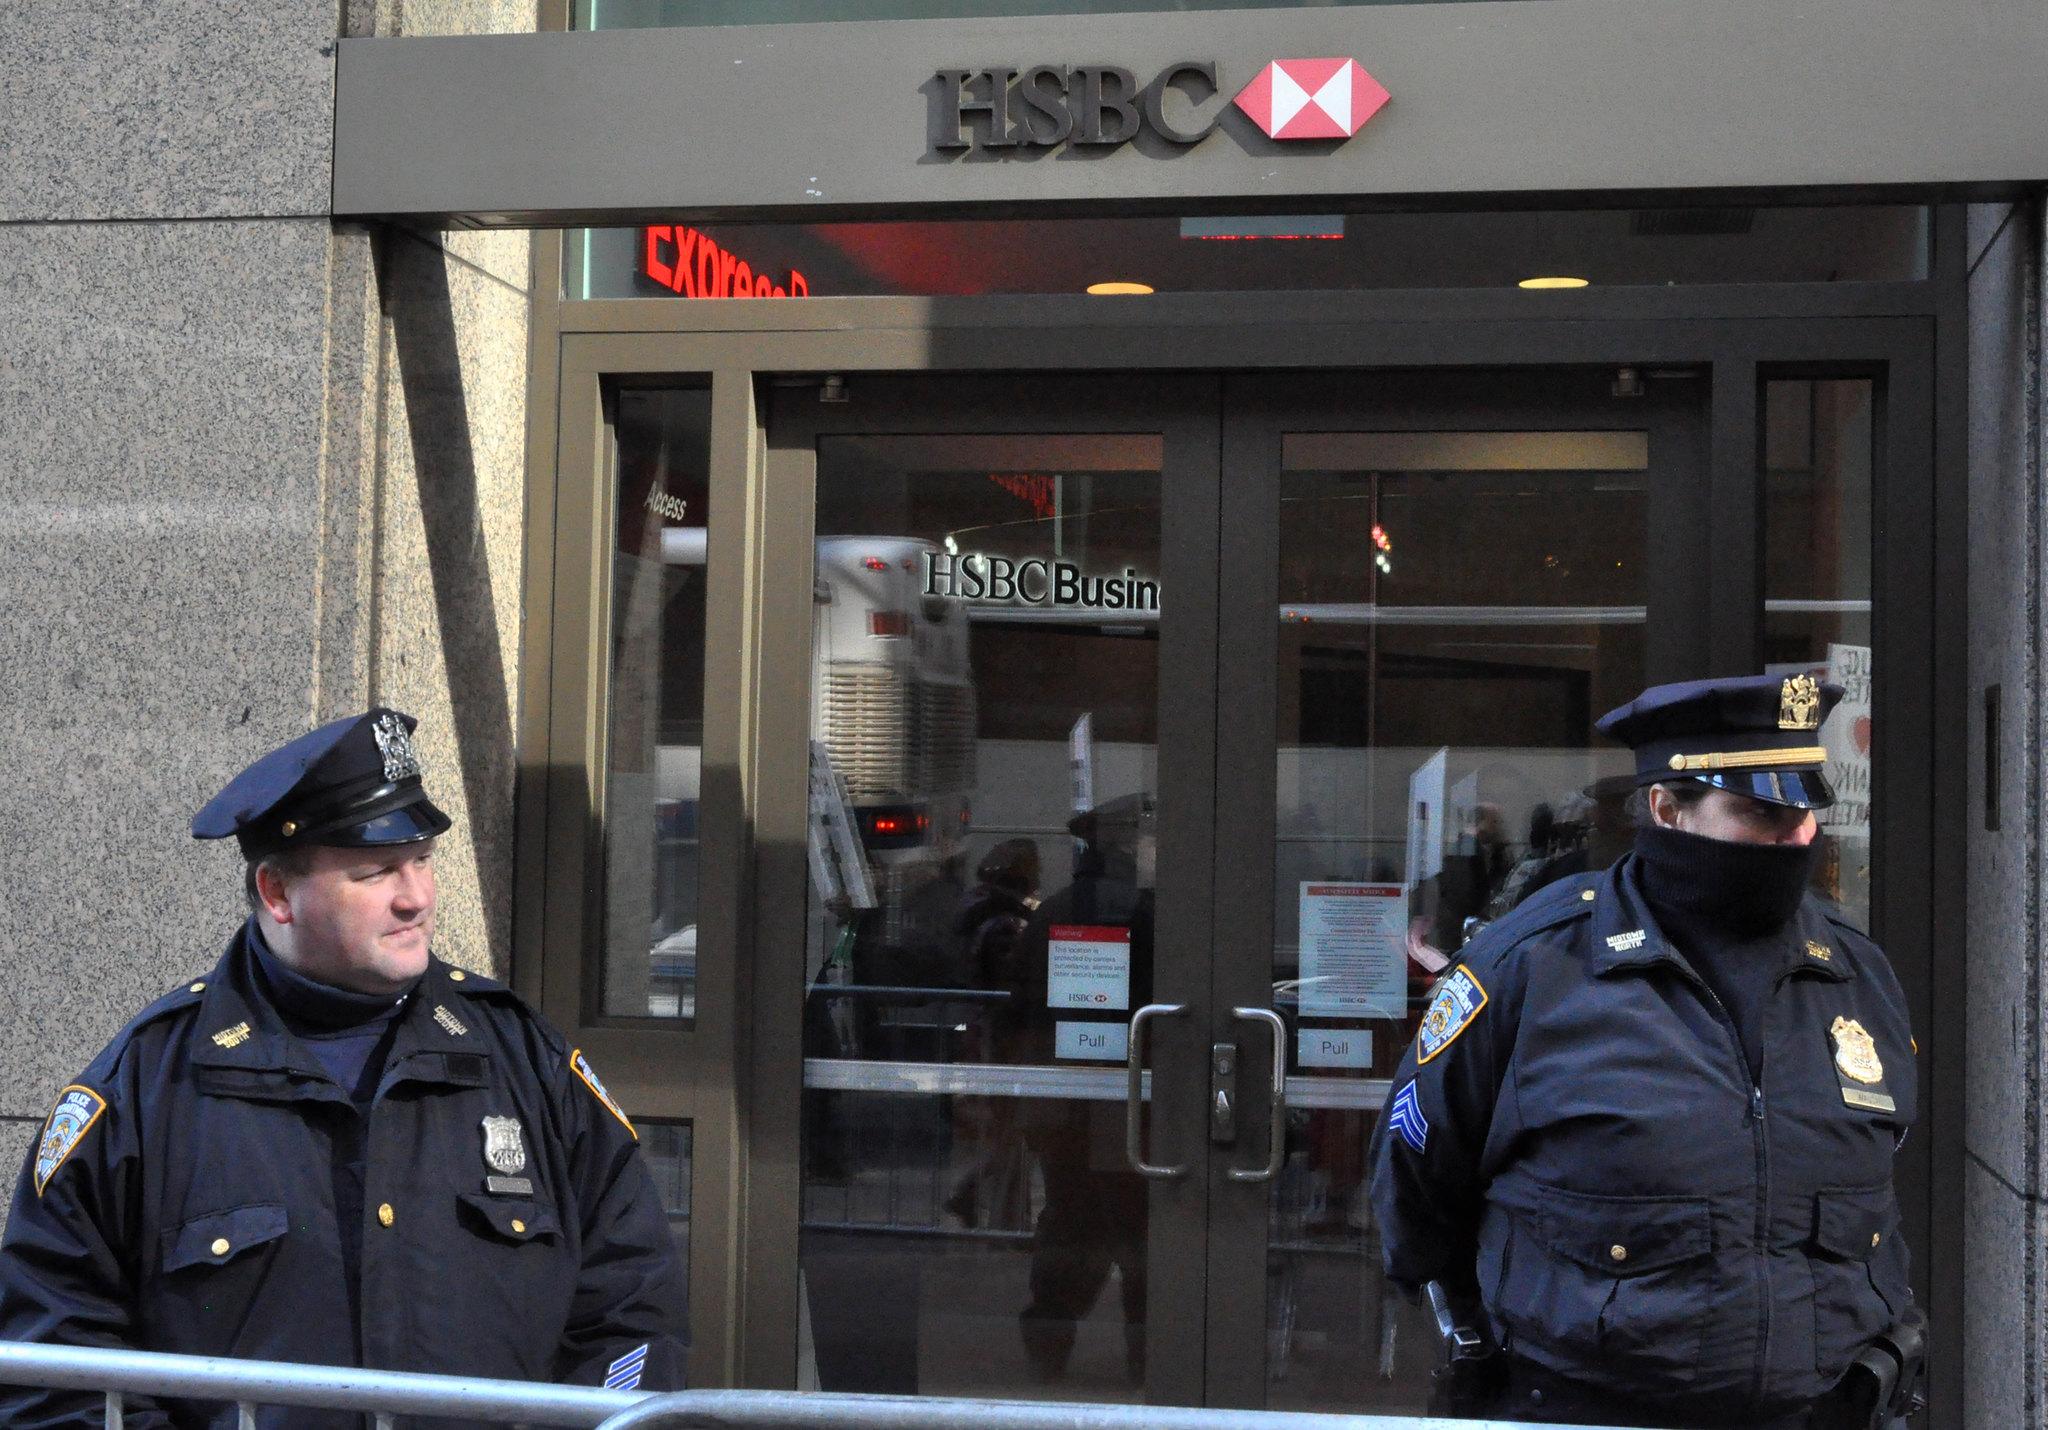 Die britische Bank HSBC ist zum wiederholten Male in Geldwäscheskandale verwickelt. Die Profiteure: Drogenbosse und Terrororganisationen weltweit